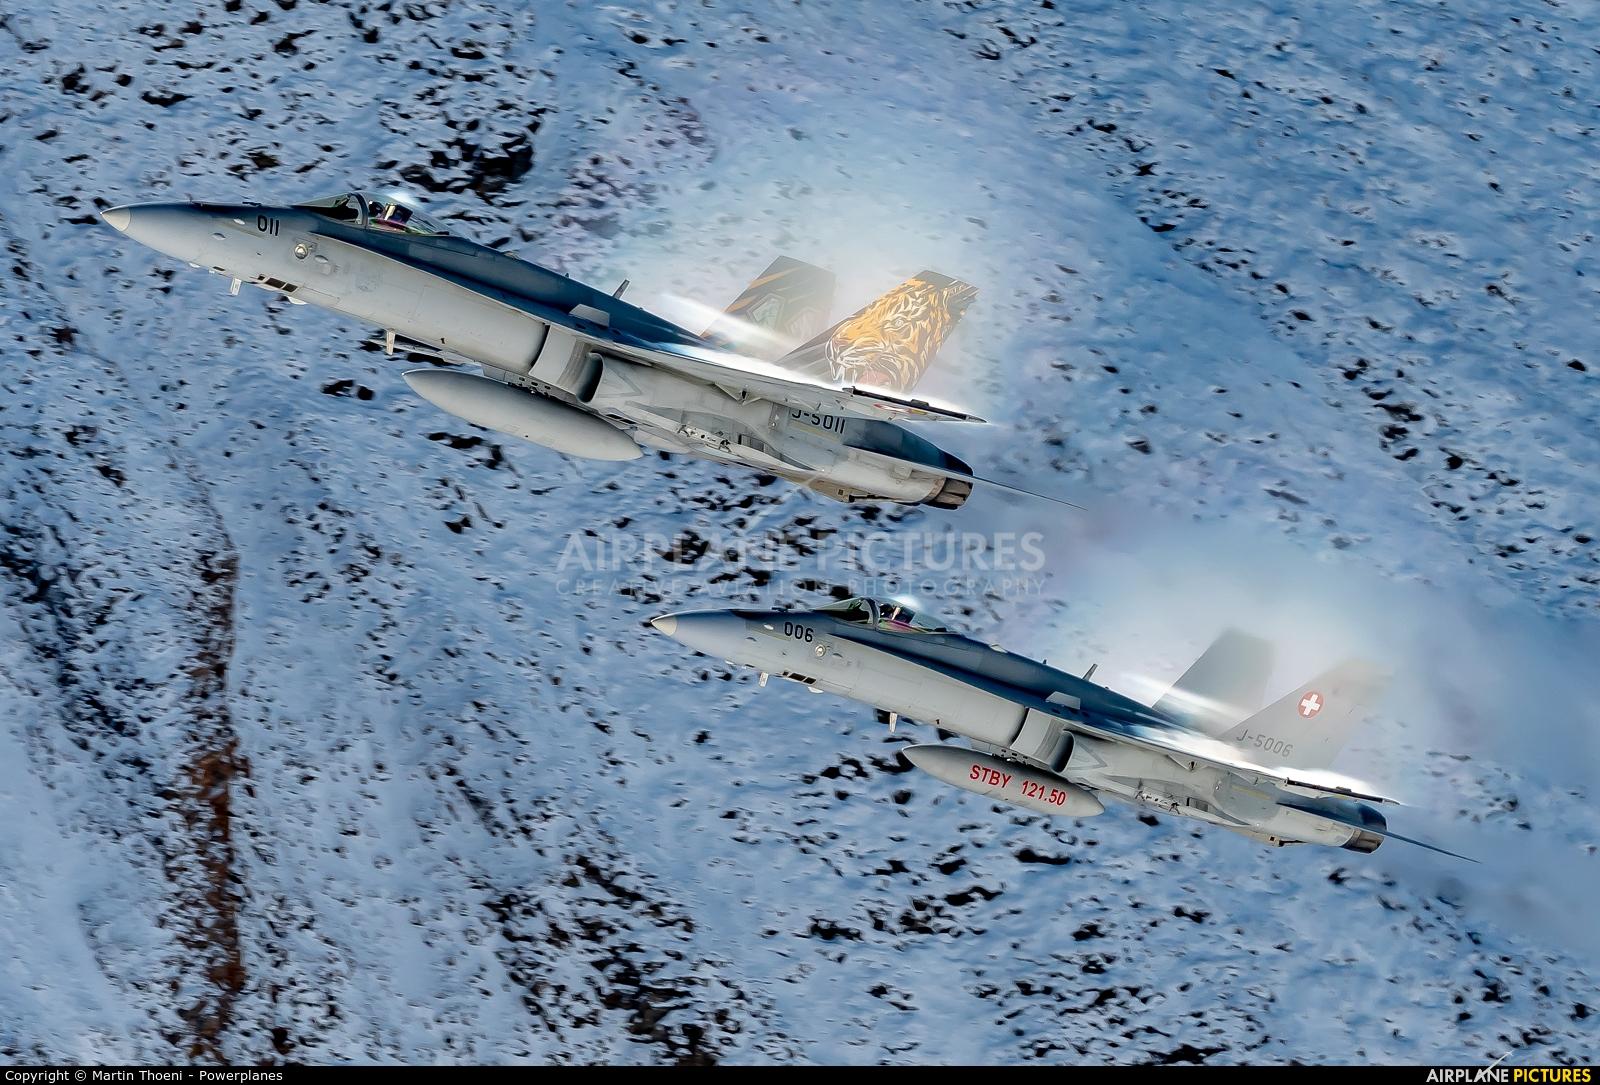 Switzerland - Air Force J-5011 aircraft at Axalp - Ebenfluh Range